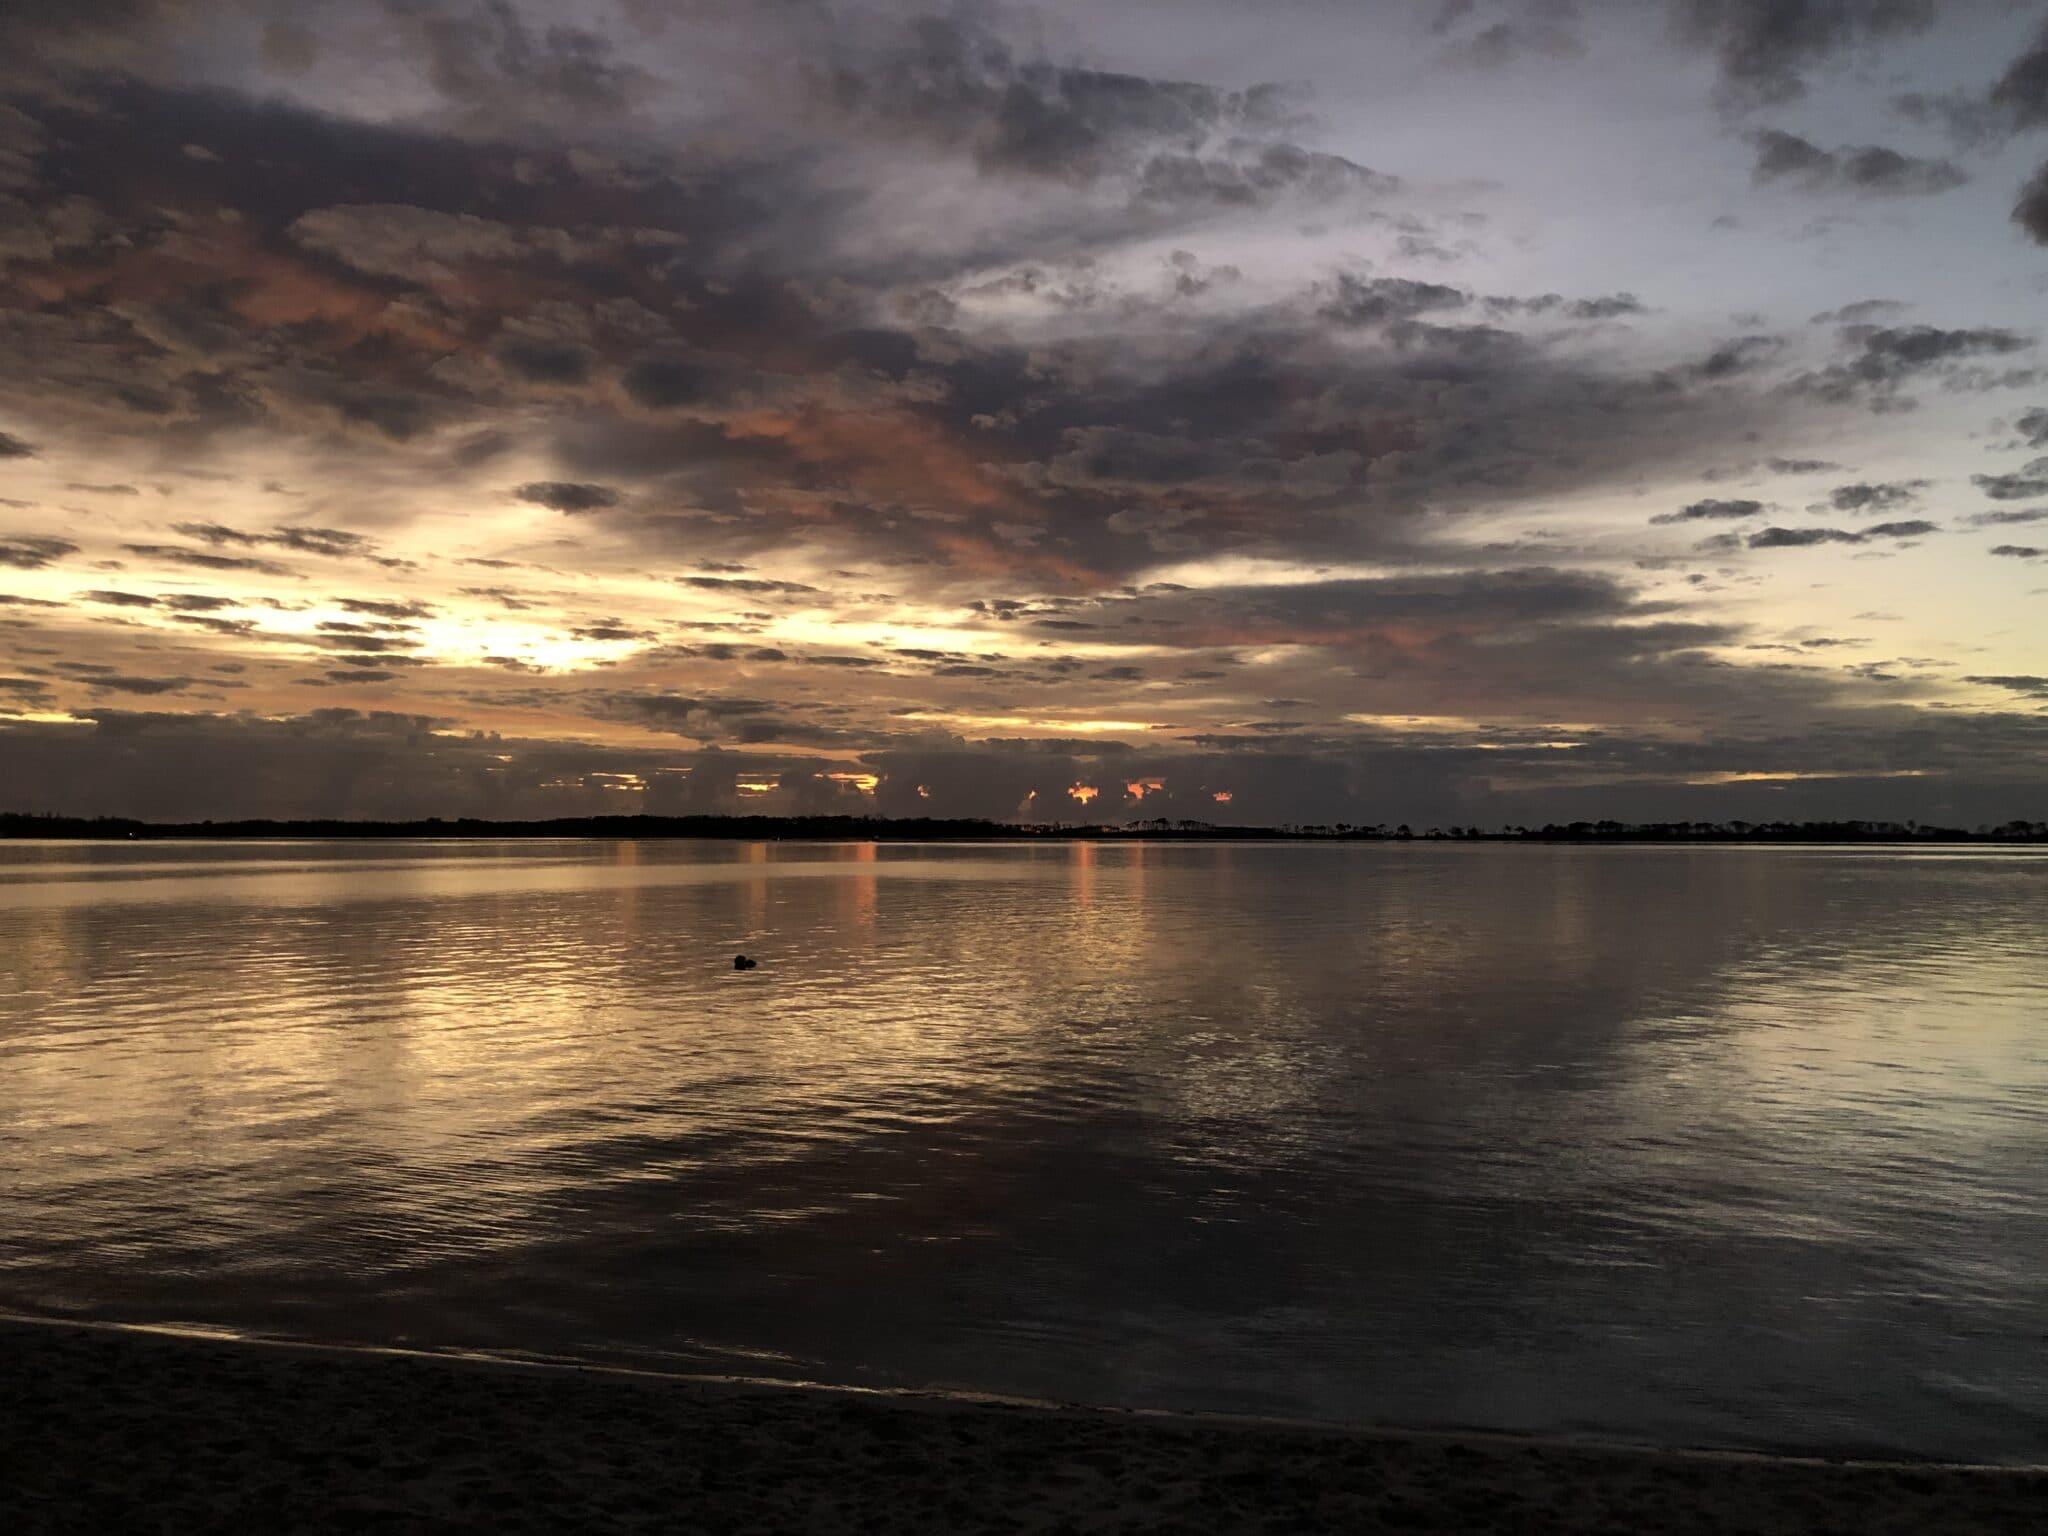 Dan Scott, Reference Photo, Early Sunrise, Caloundra